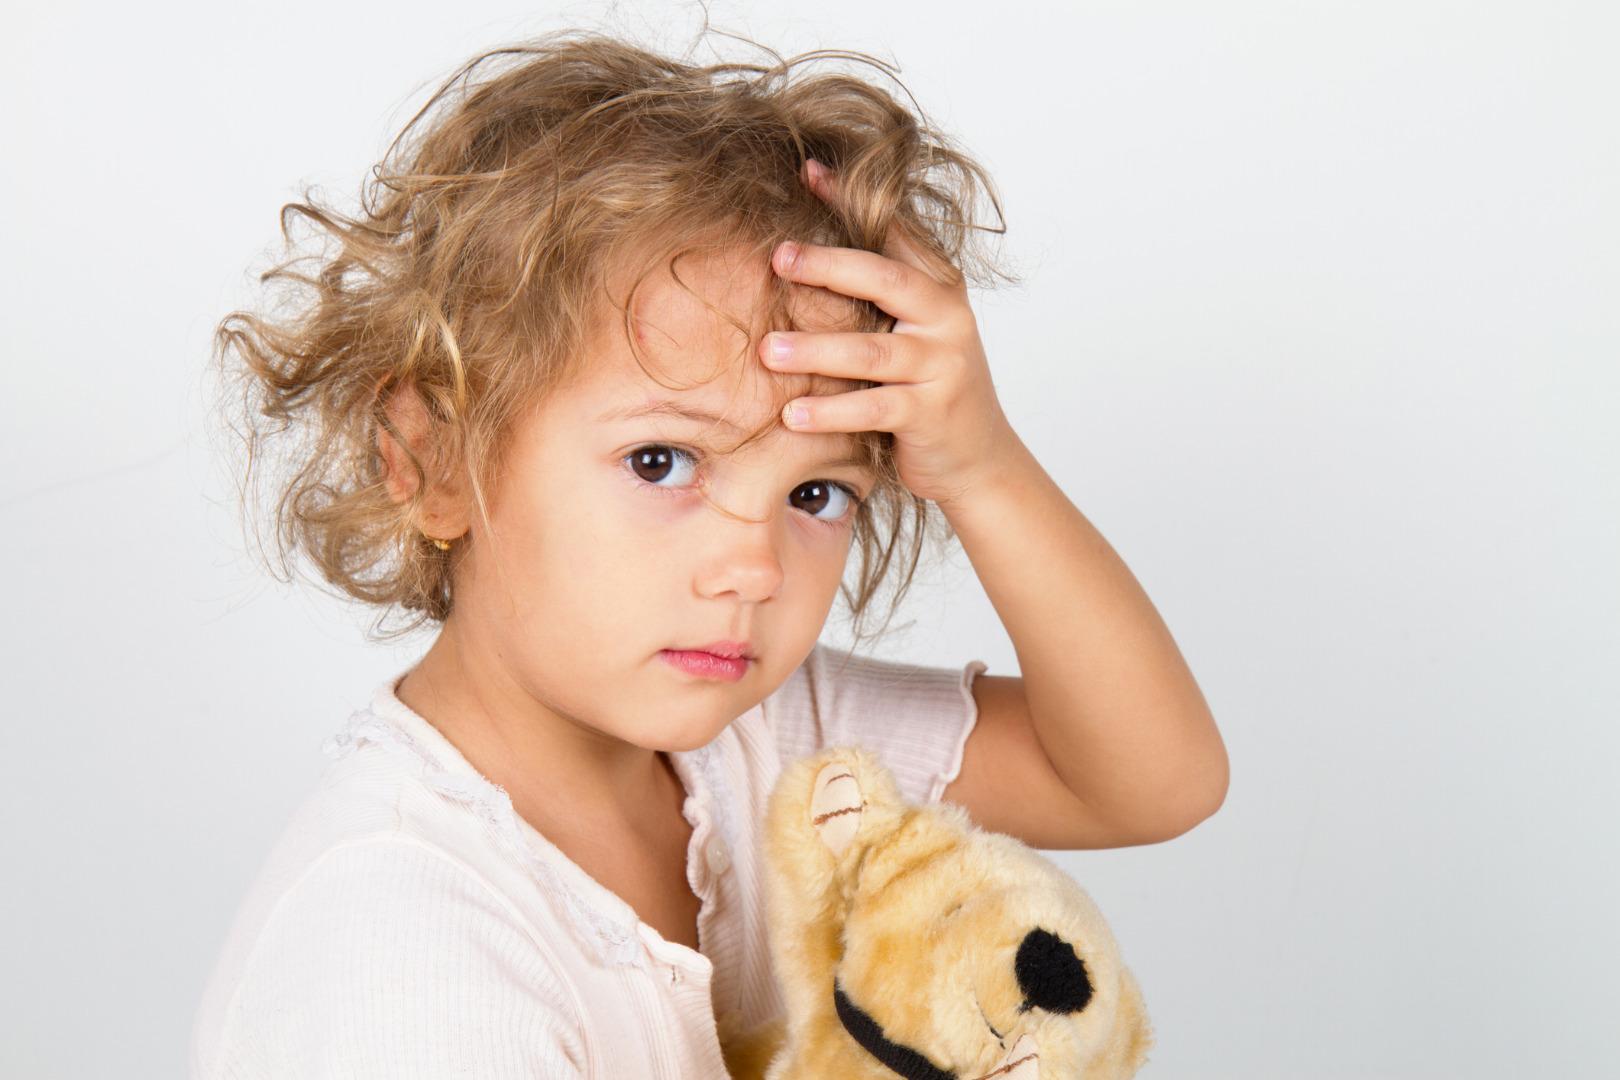 Повышенное внутричерепное давление у детей